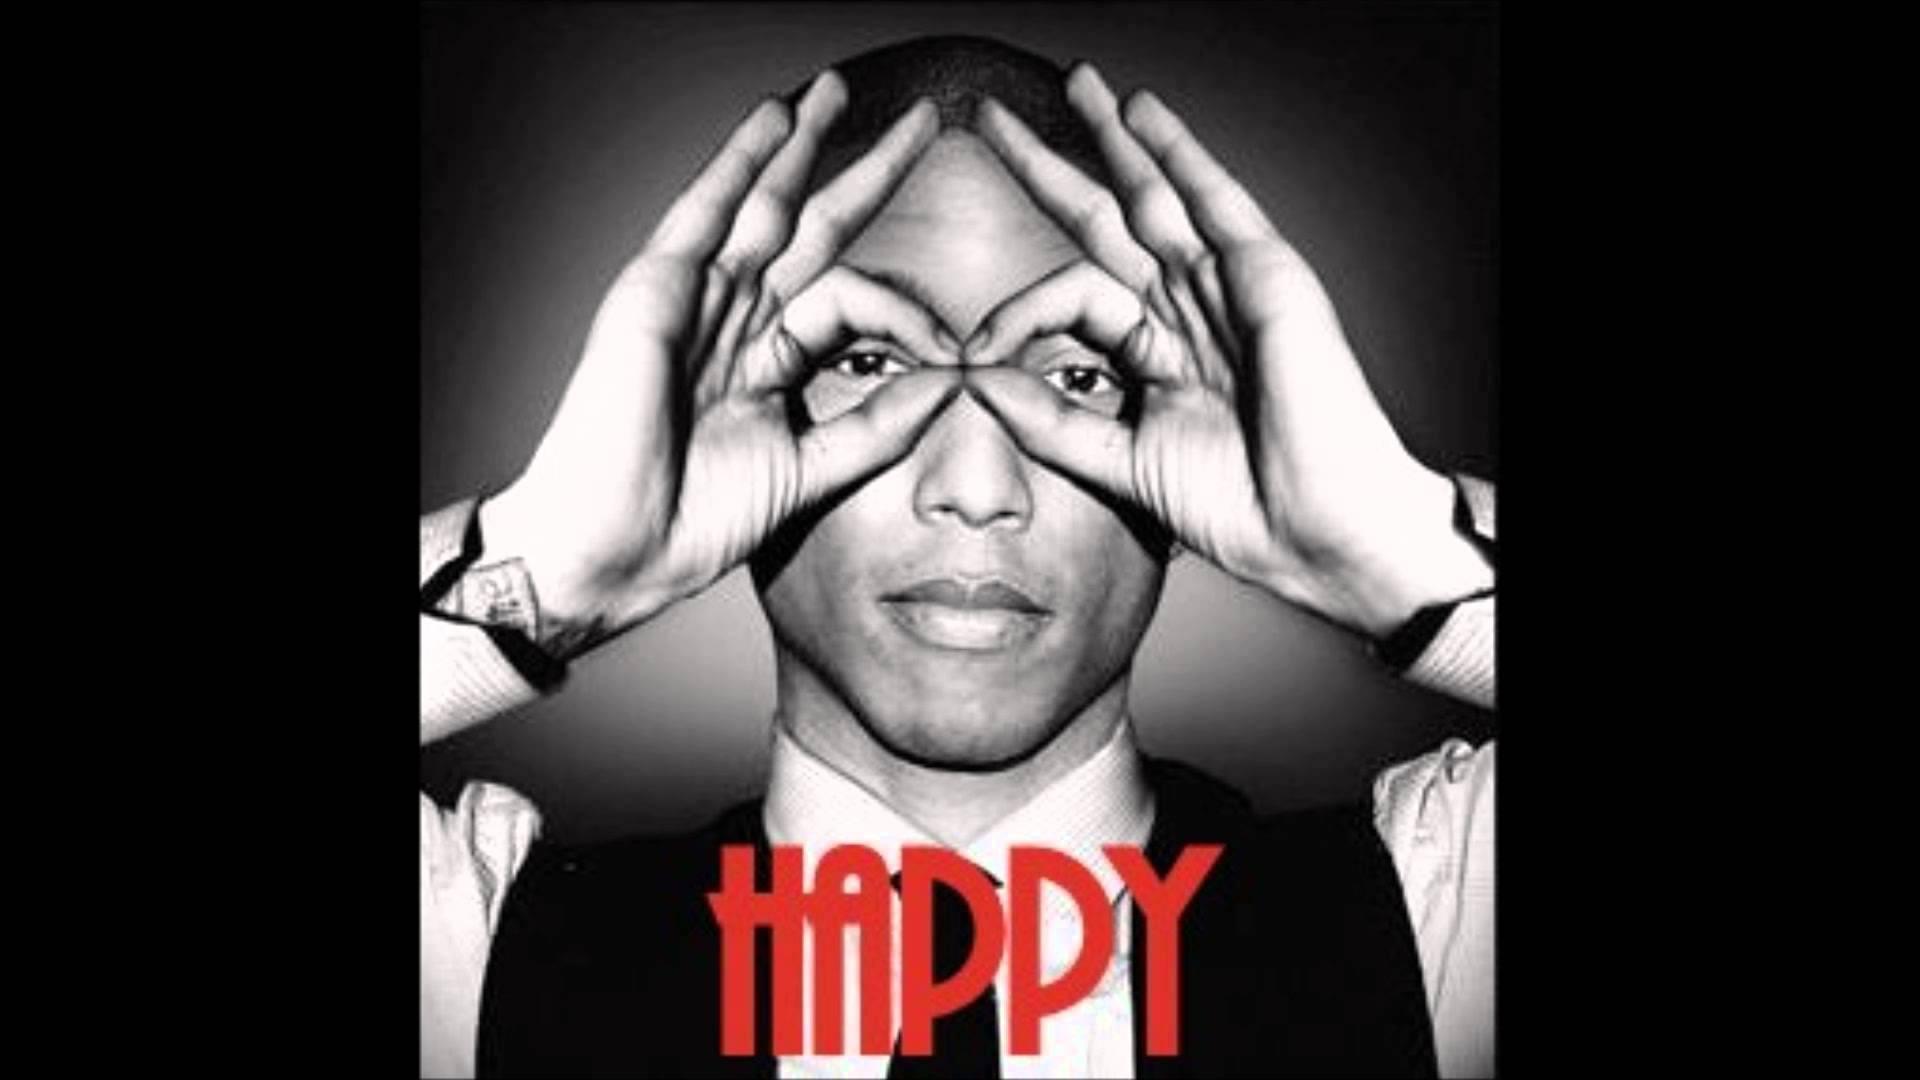 Happy…